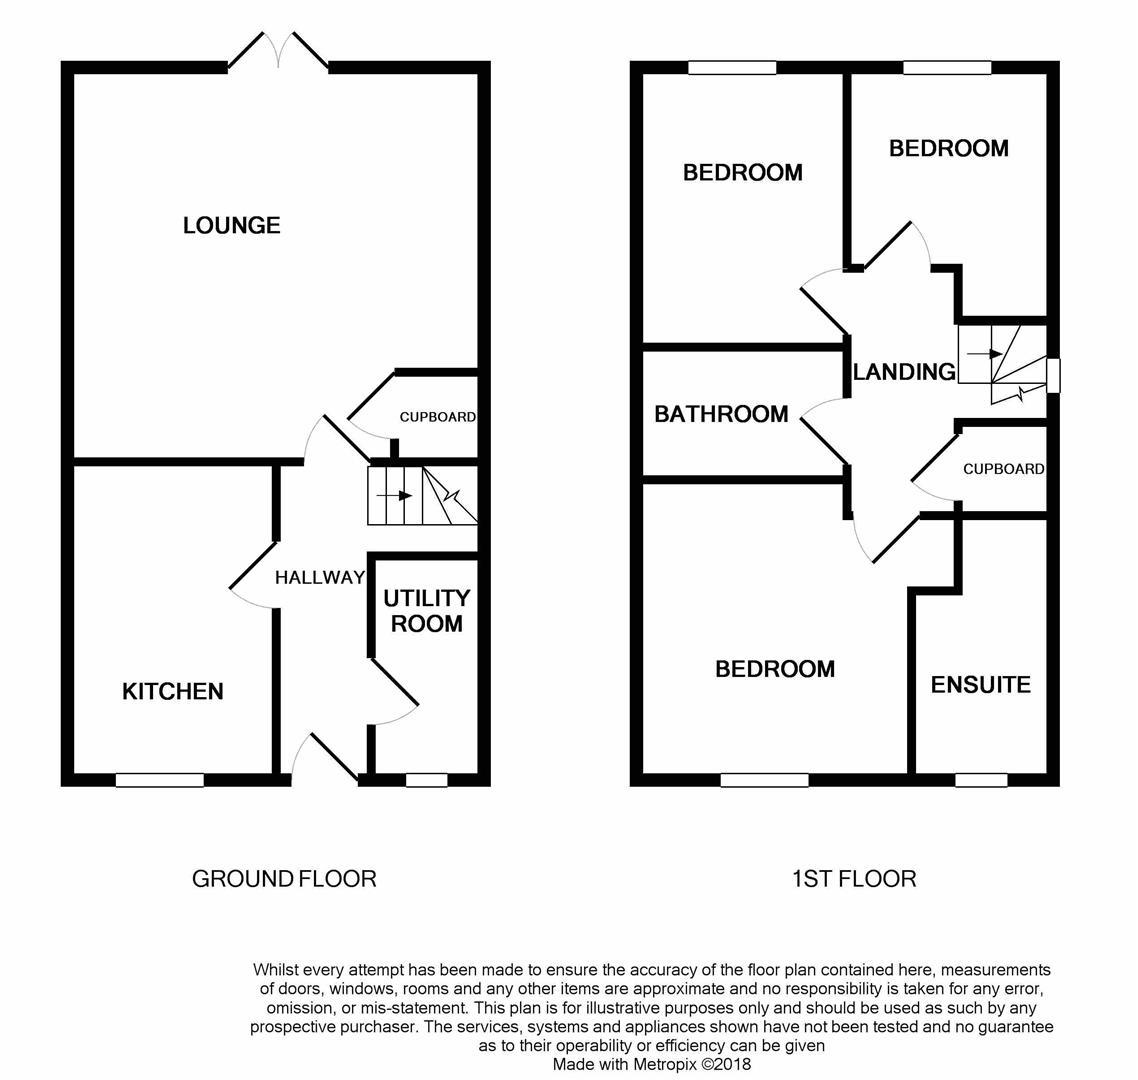 3 Bedrooms Semi-detached house for sale in Ffordd Y Glowyr, Betws, Ammanford SA18